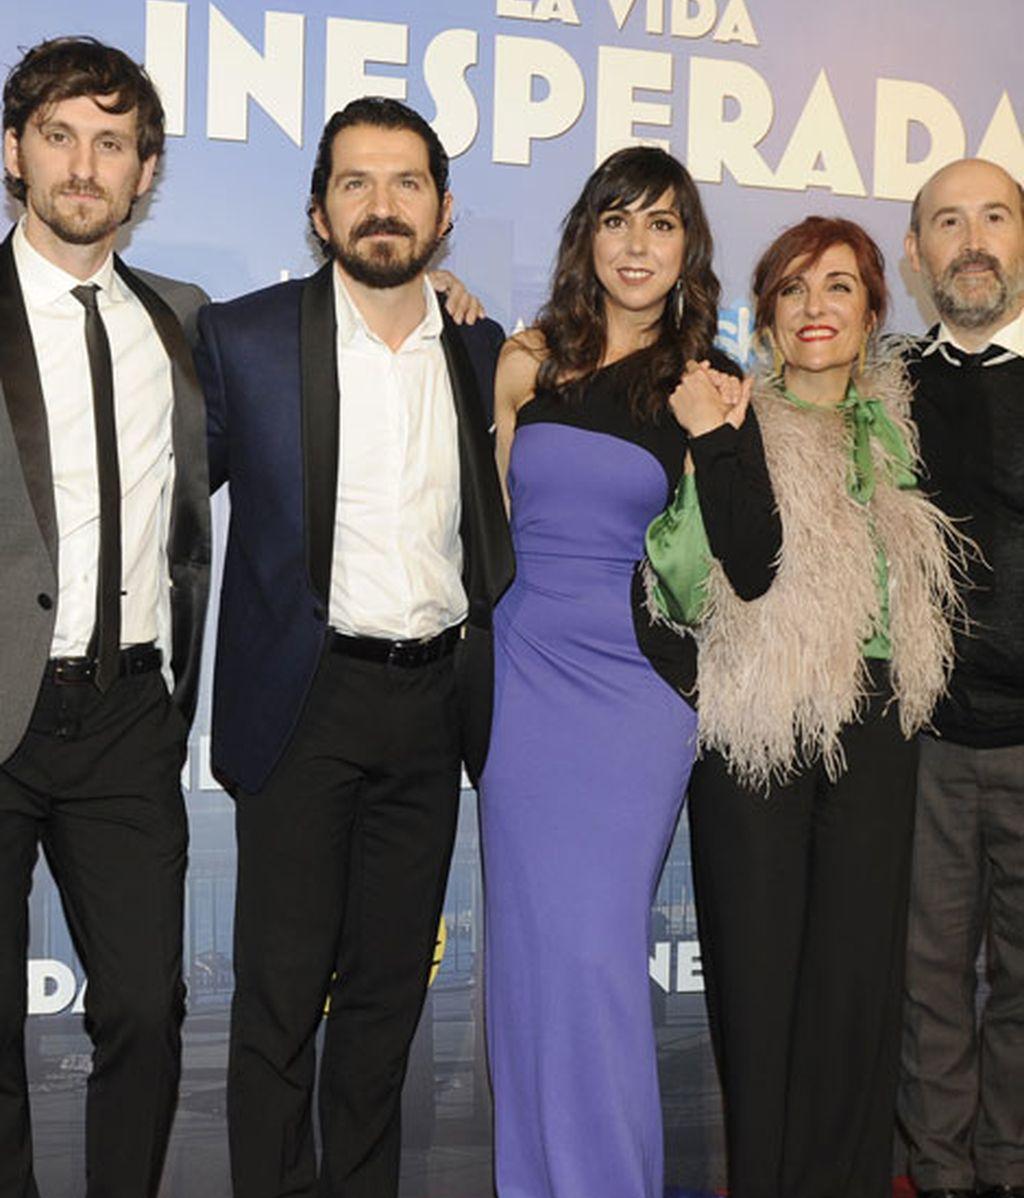 El director Jorge Torresgrossa, Elvira Lindo y los protagonistas de la comedia